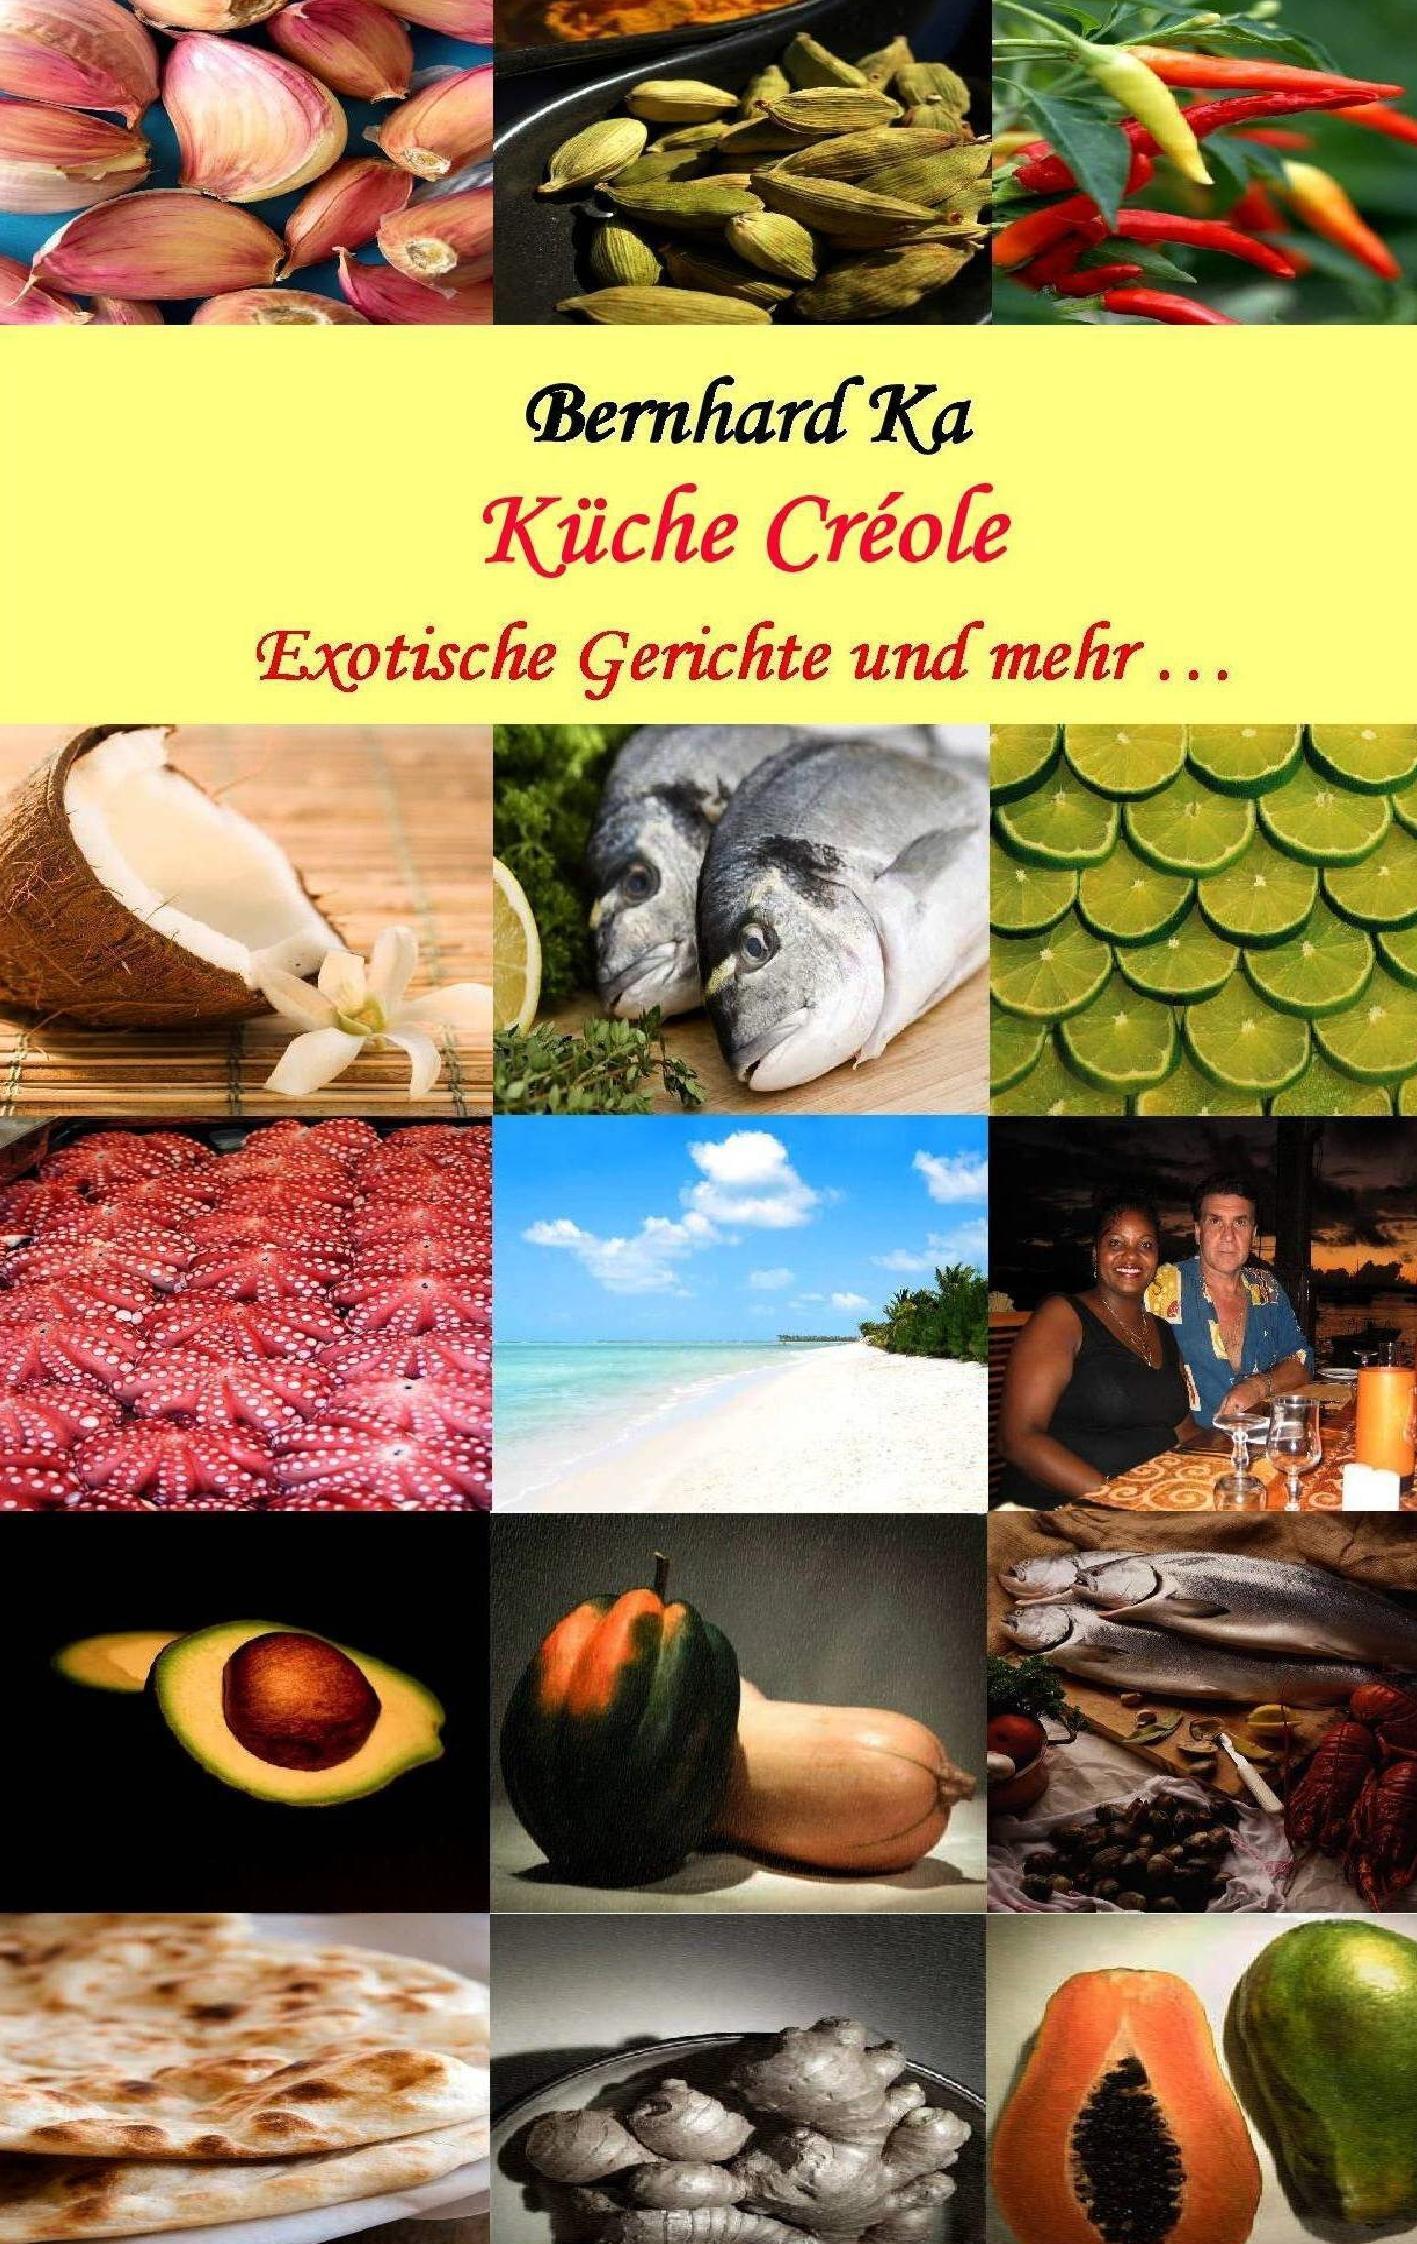 Küche Créole Bernhard Ka